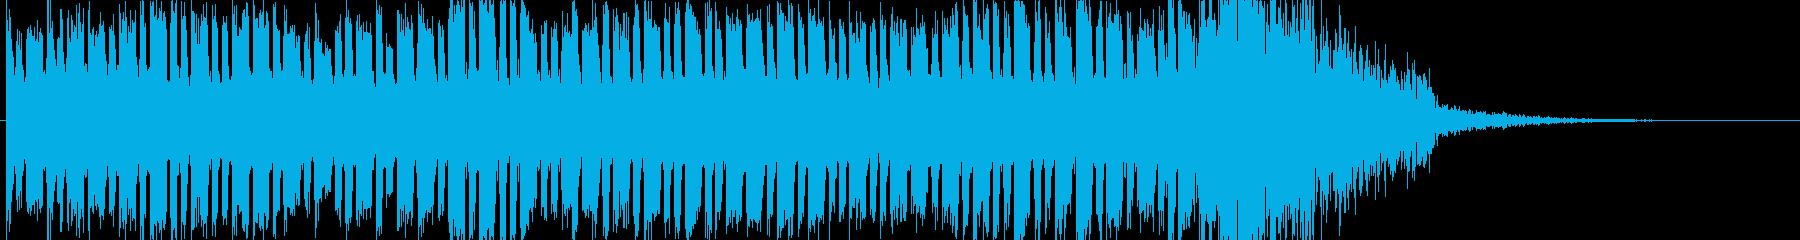 怪しい音と迫力の再生済みの波形